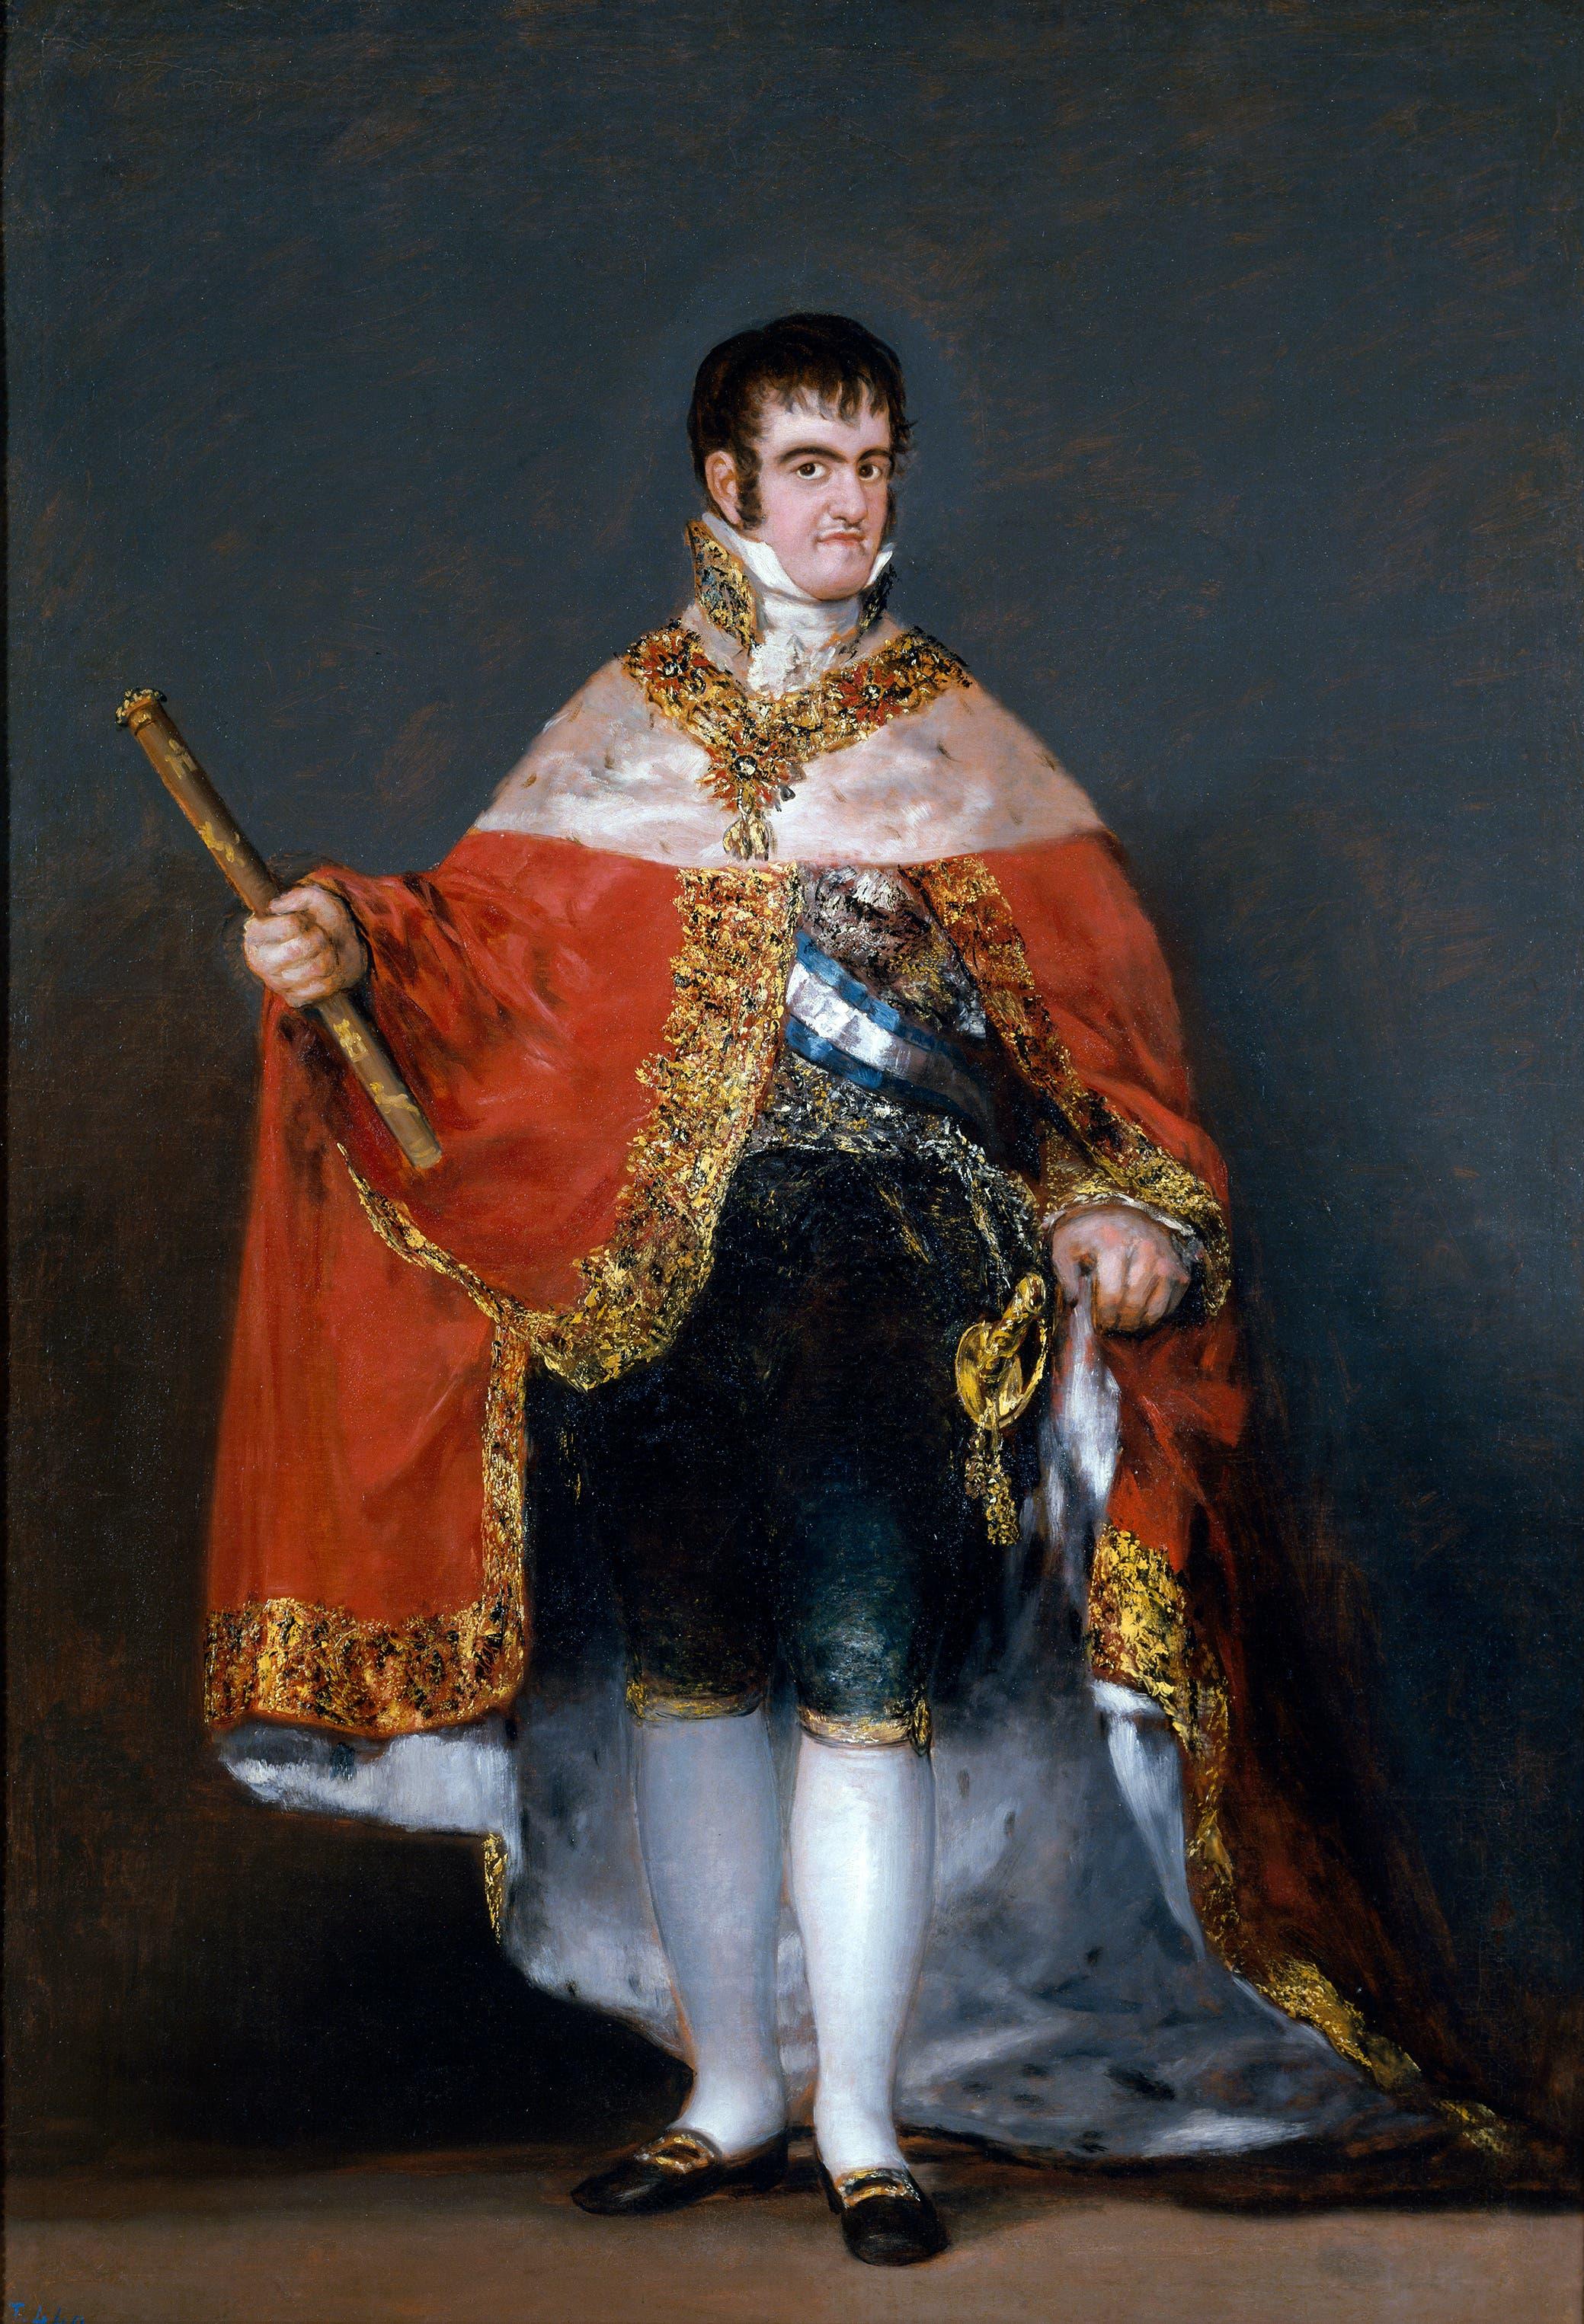 لوحة تجسد الملك الإسباني فرديناند السابع